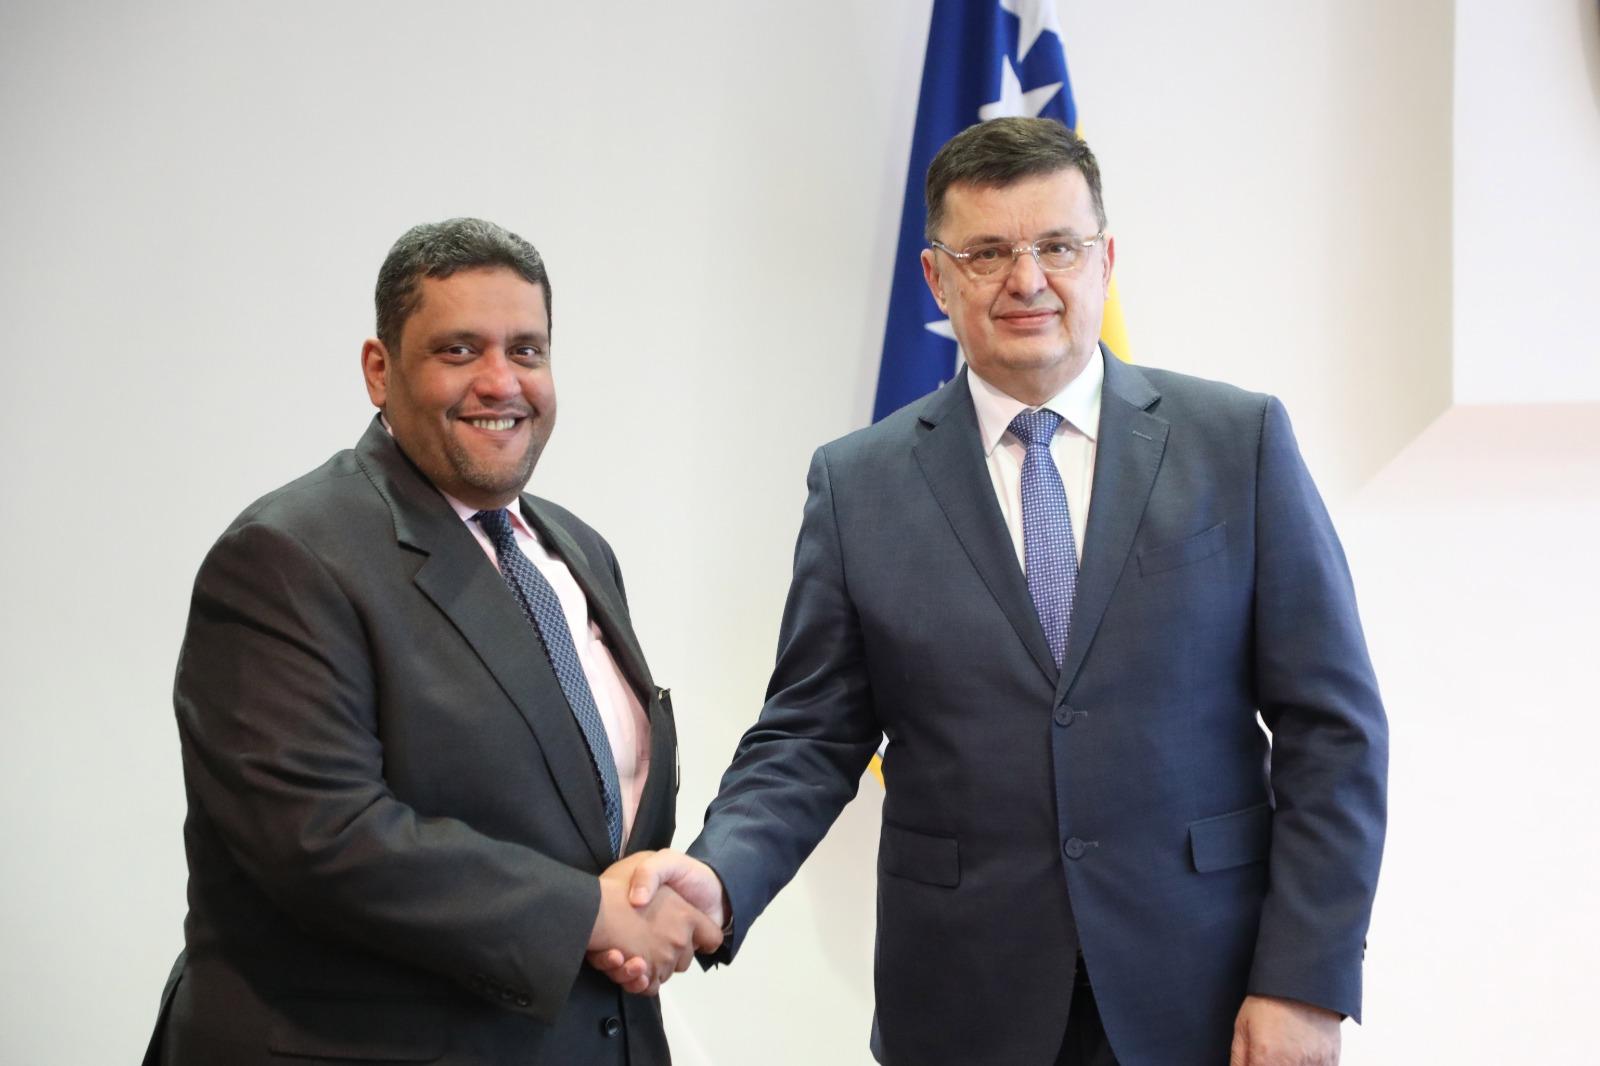 رئيس وزراء البوسنة والهرسك يجتمع مع سفير قطر